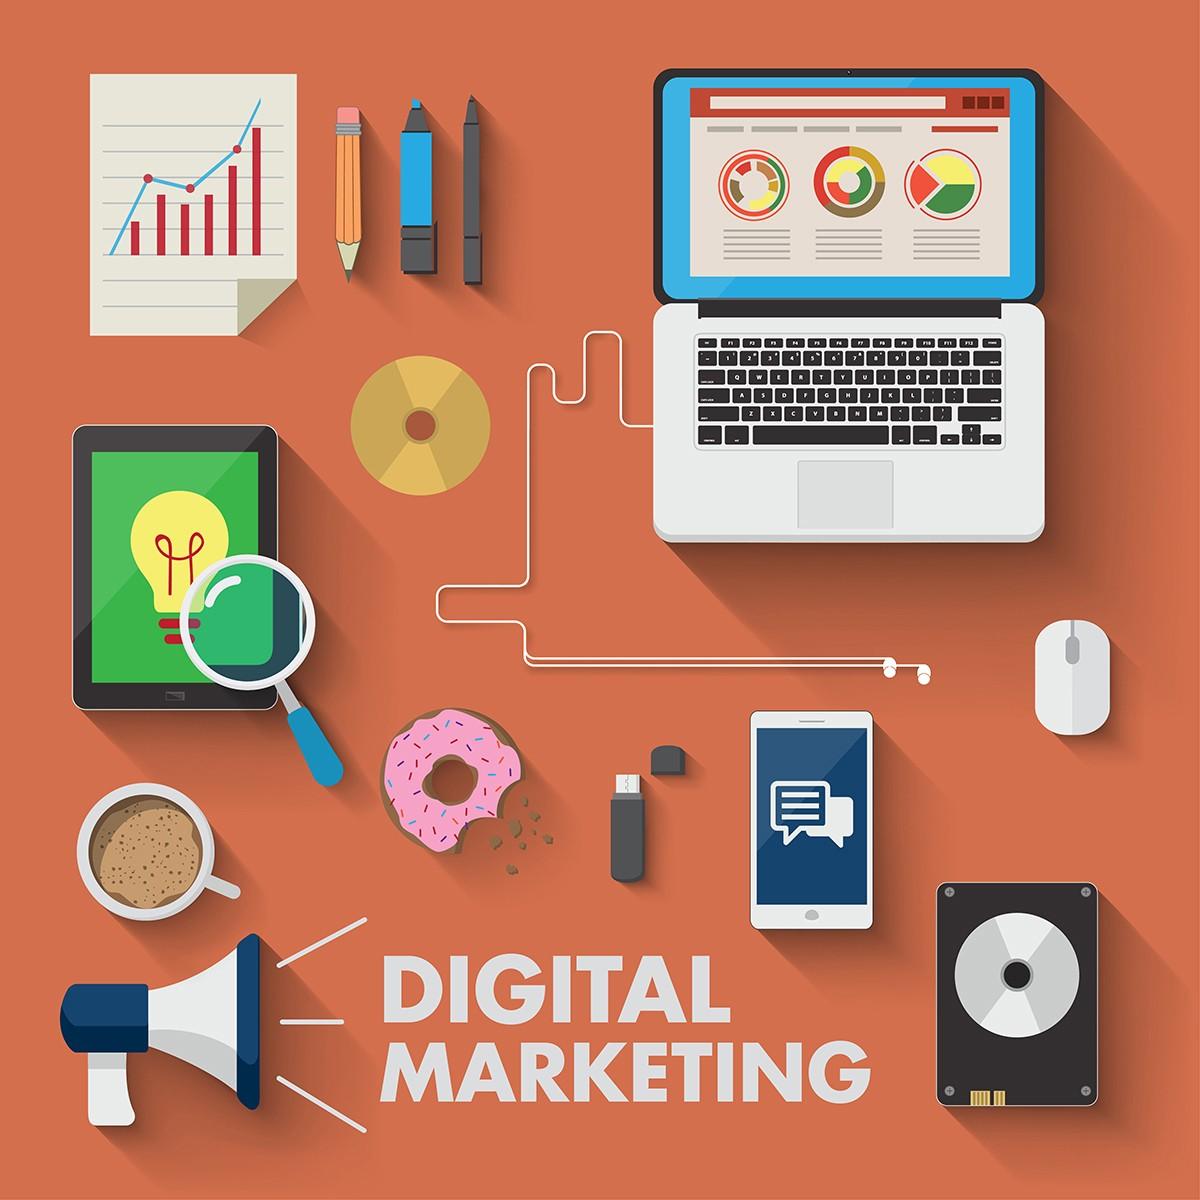 Marketing digital sí, pero la calidad siempre por delante - ExpacioWeb